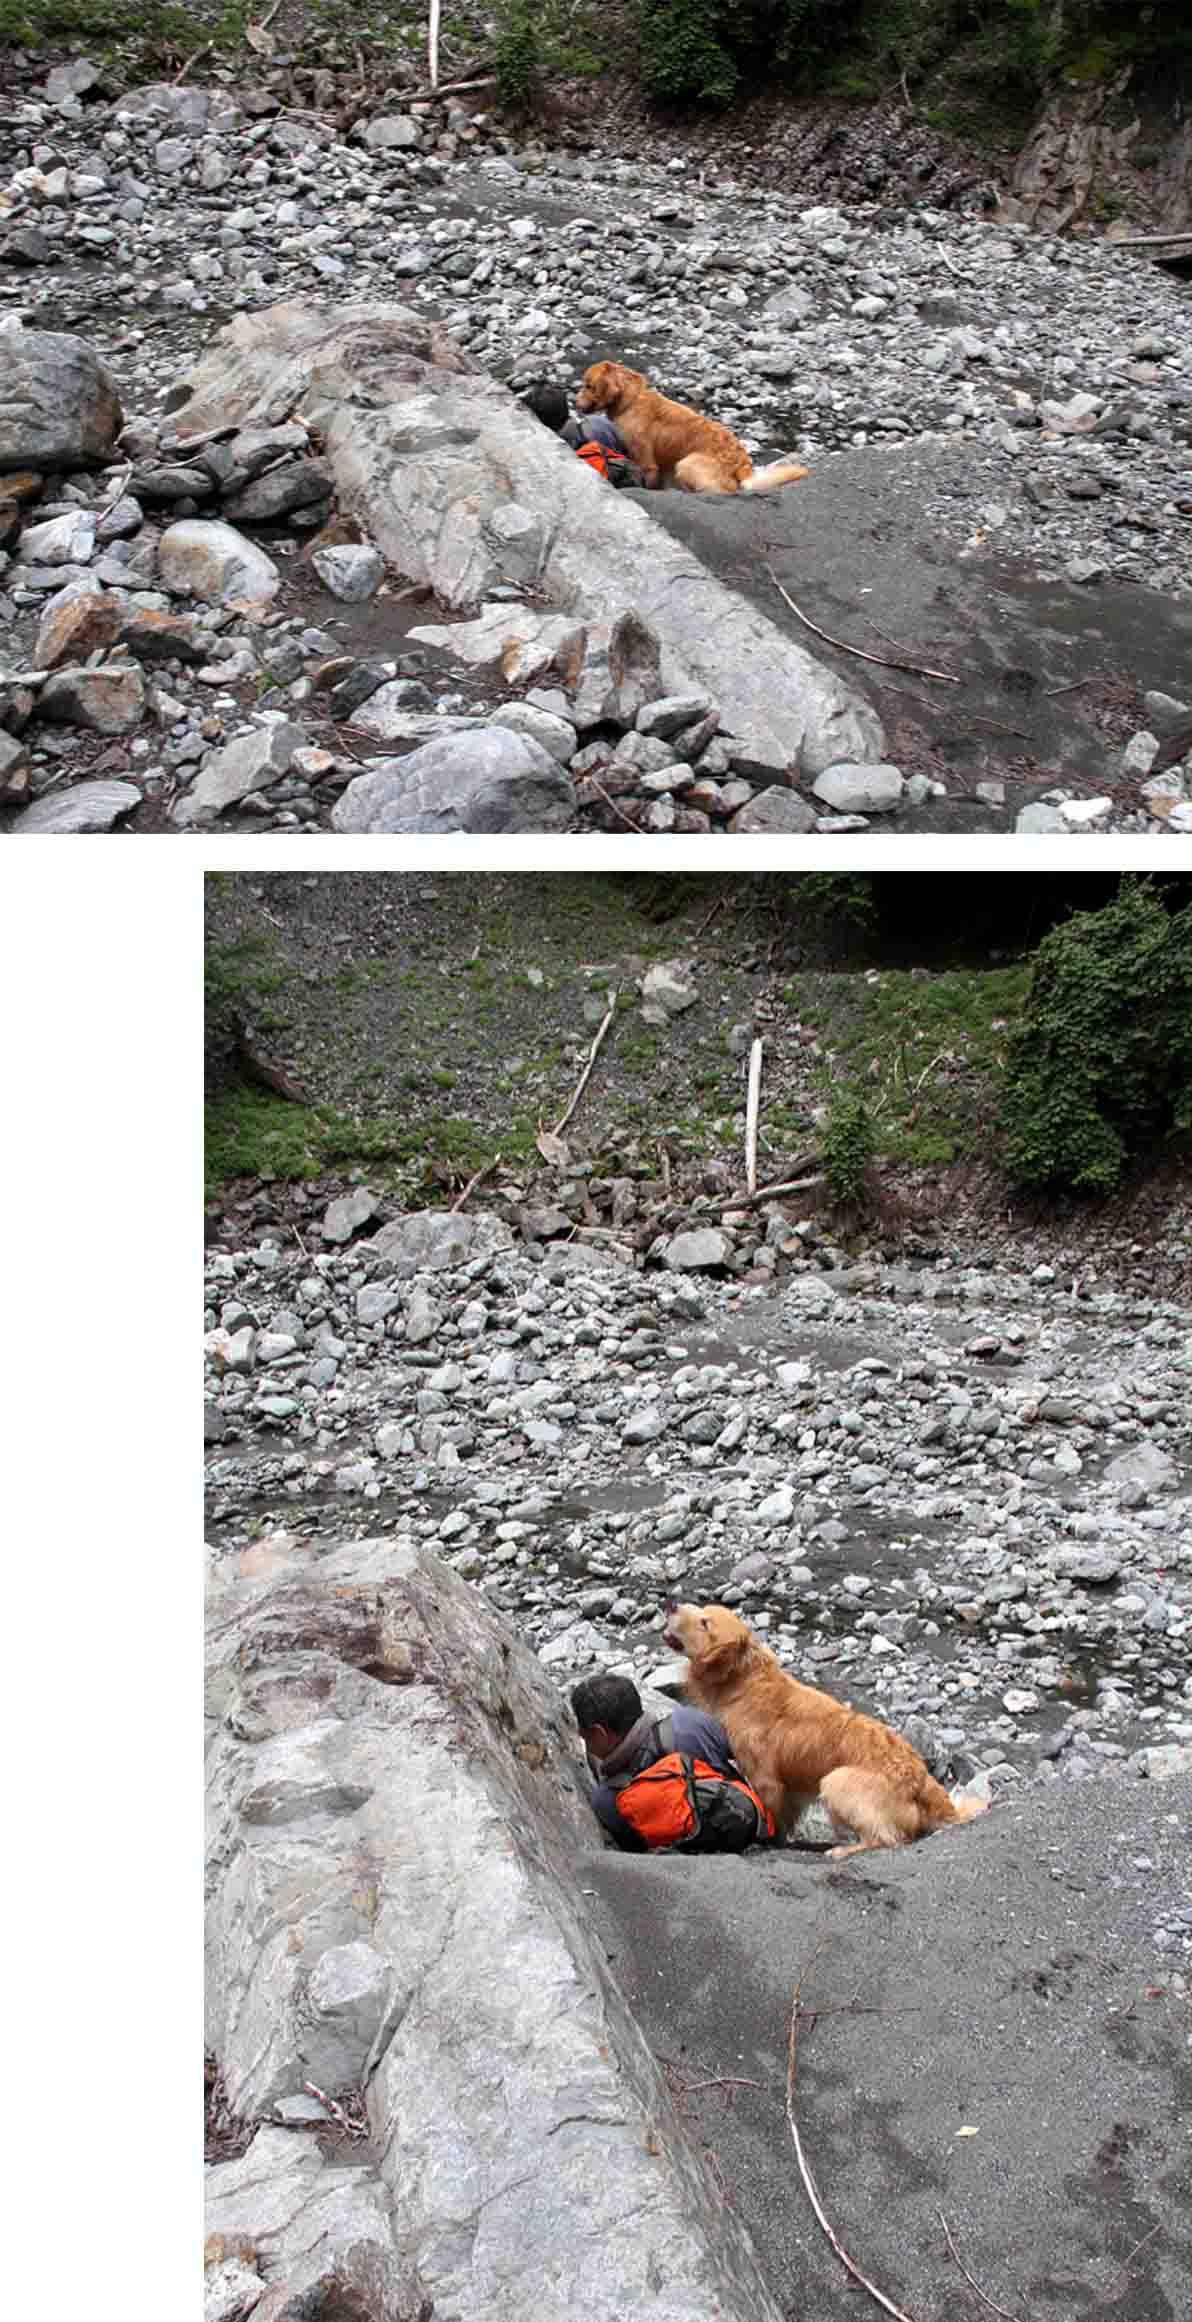 三峰川 7月14日 渓流周辺の捜索(22)